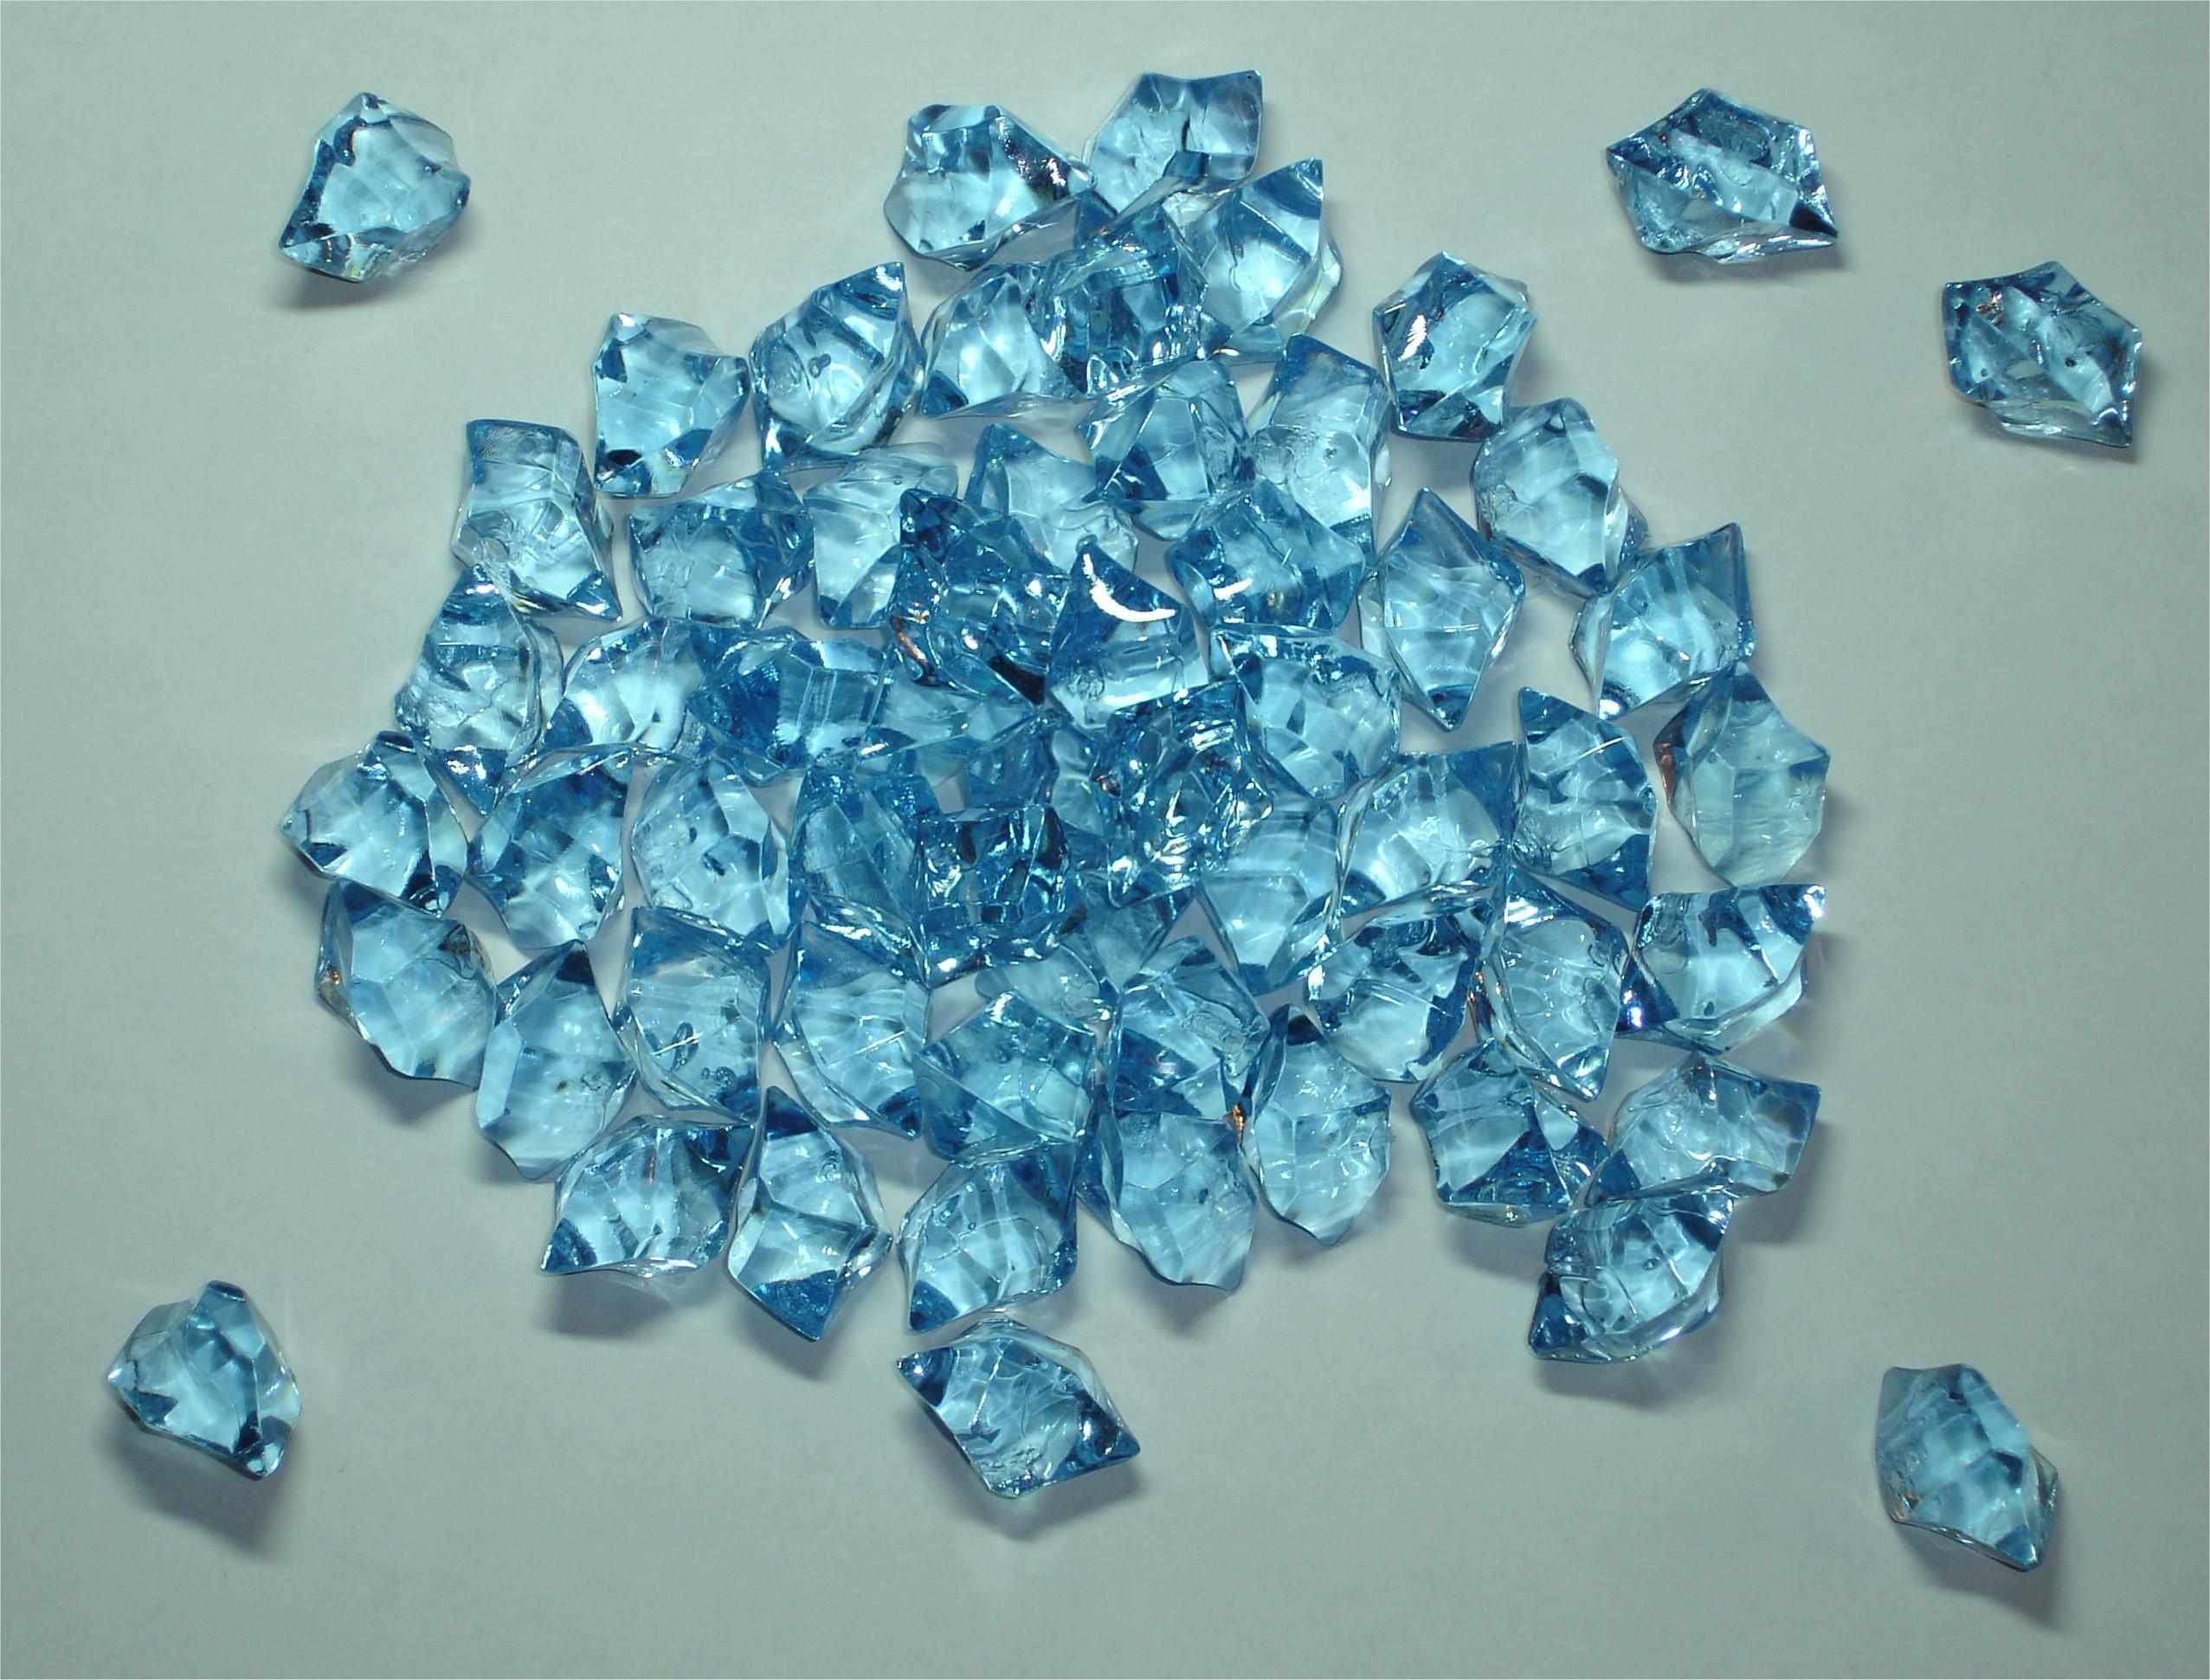 Res: 2553x1941, Blue crystals